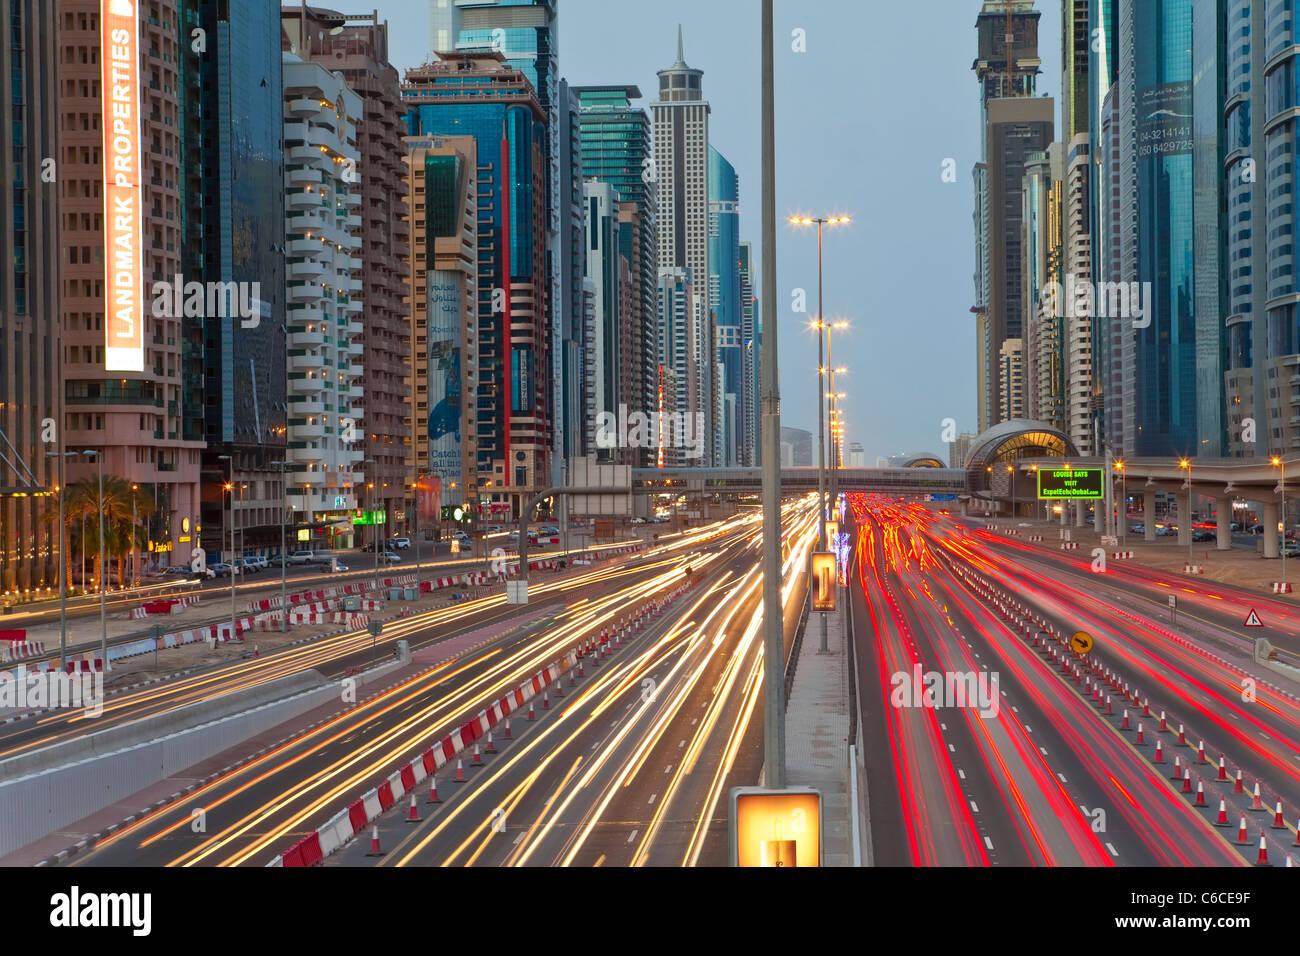 Emirati Arabi Uniti Dubai Sheikh Zayed Road, traffico e nuovi edifici alti di Dubai lungo la strada principale Immagini Stock